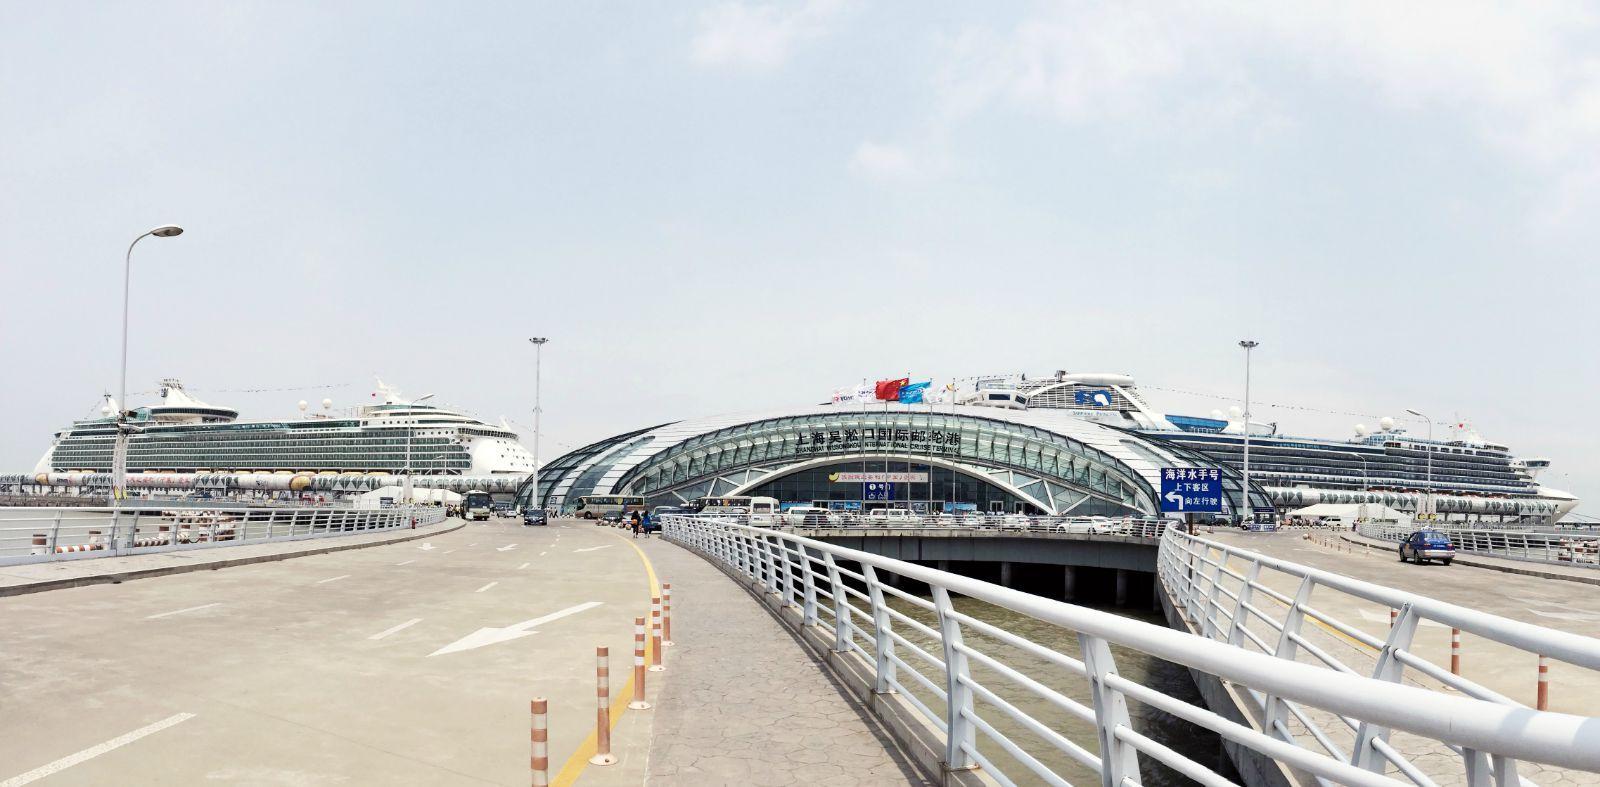 吴淞口国际邮轮港